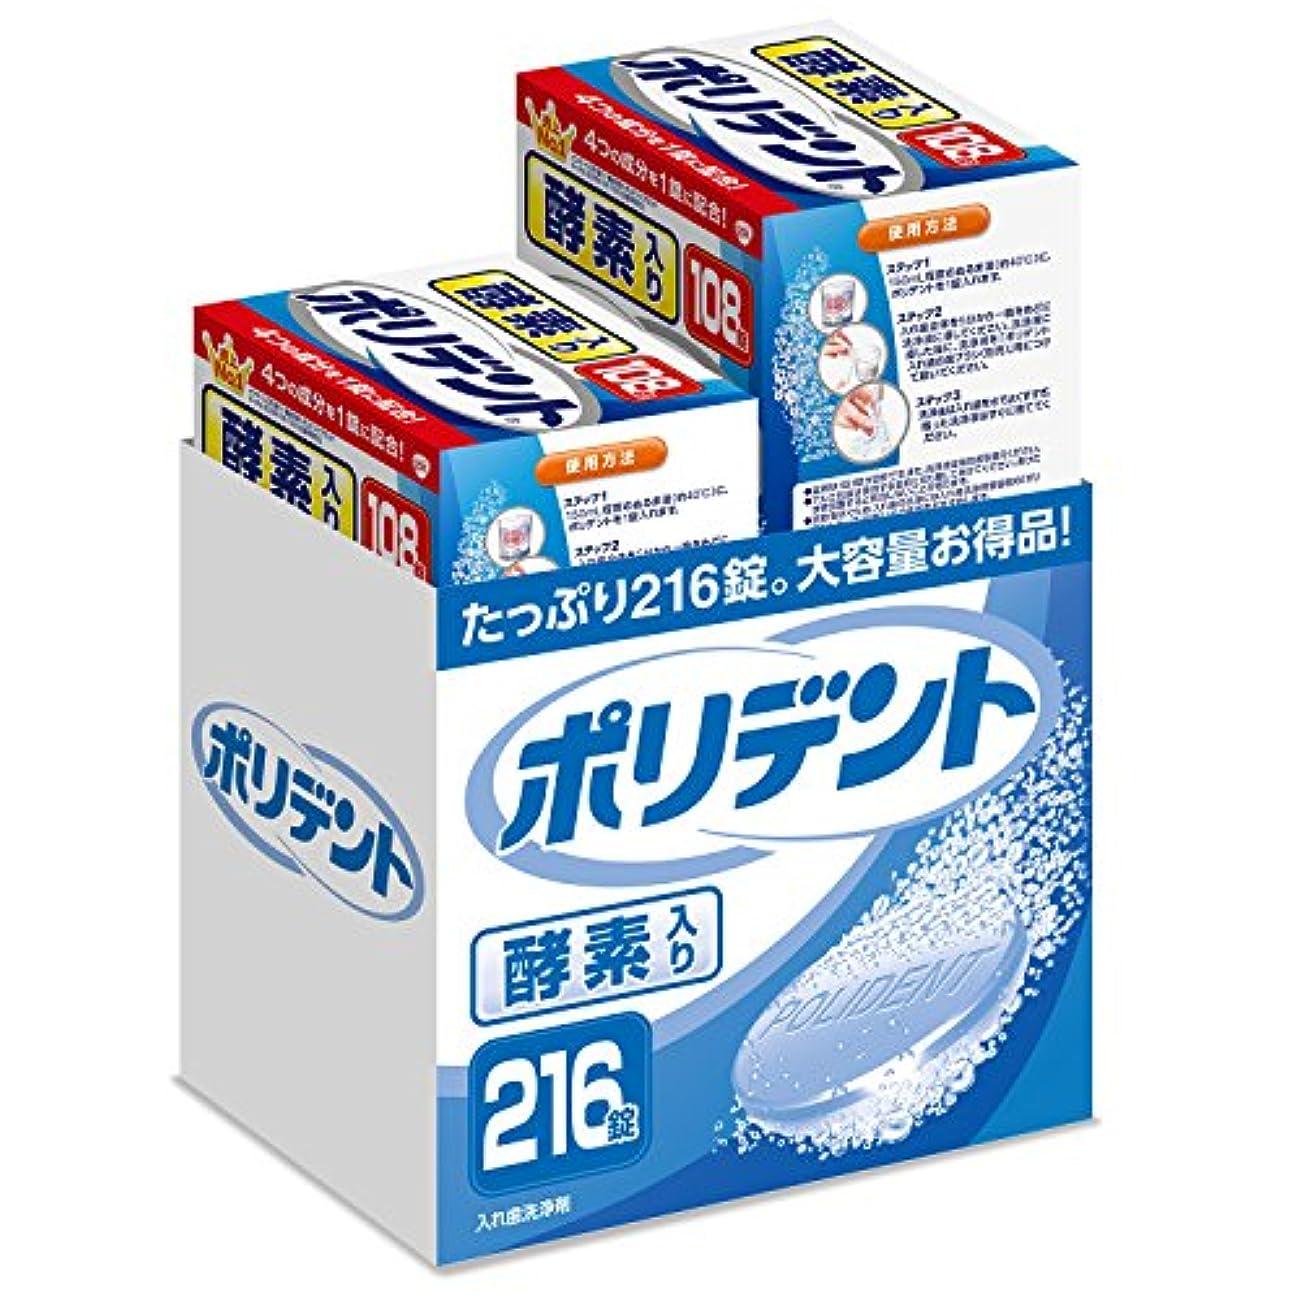 生まれ窓削減【Amazon.co.jp限定】入れ歯洗浄剤 酵素入りポリデント 大容量 216錠